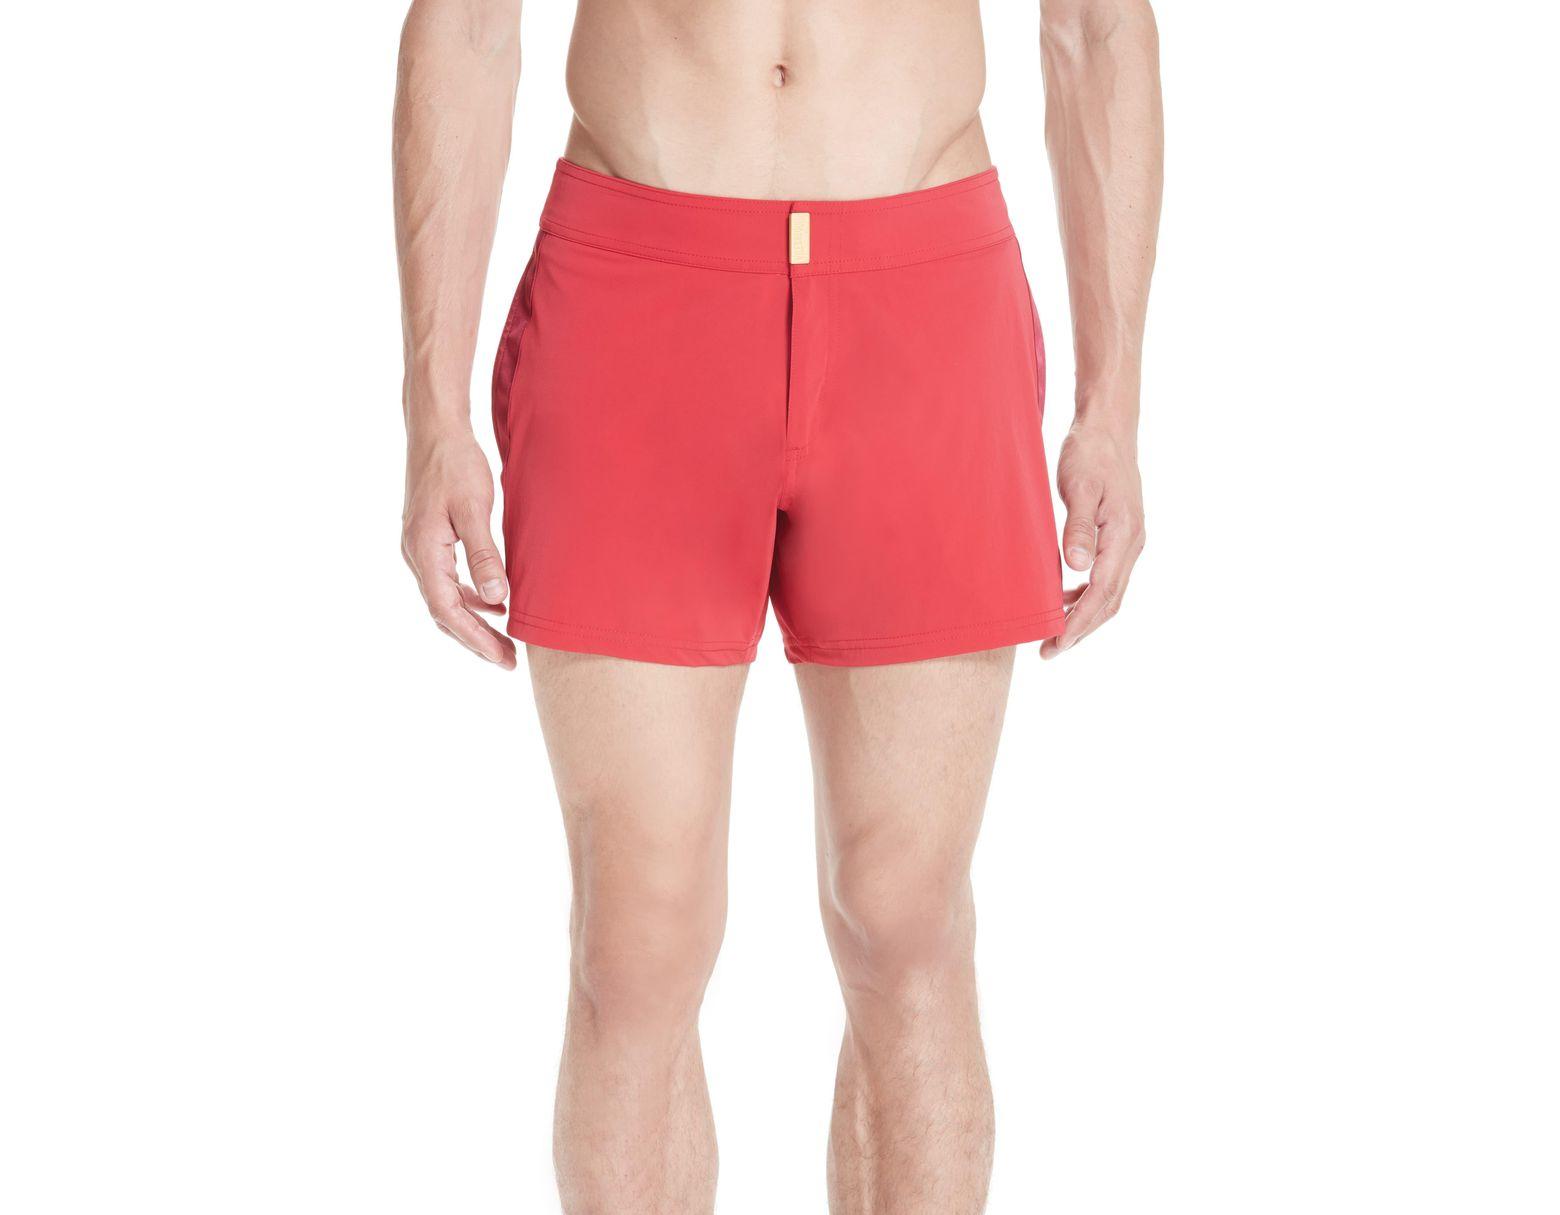 d482b1e89573f Vilebrequin Smoking Tuxedo Swim Trunks in Red for Men - Lyst